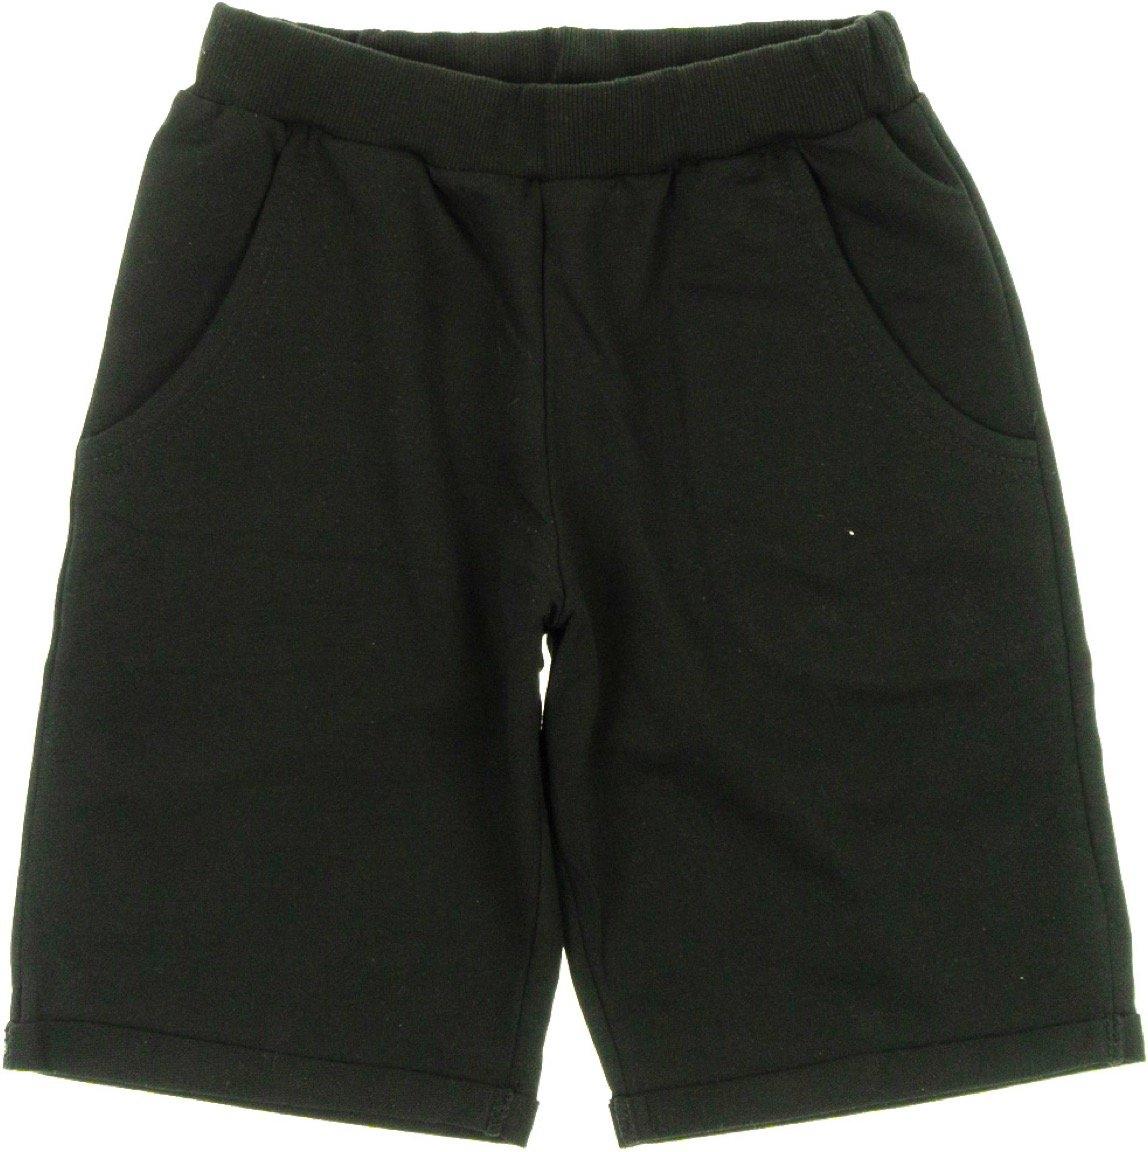 Joyce παιδικό παντελόνι βερμούδα «Simple and Black»